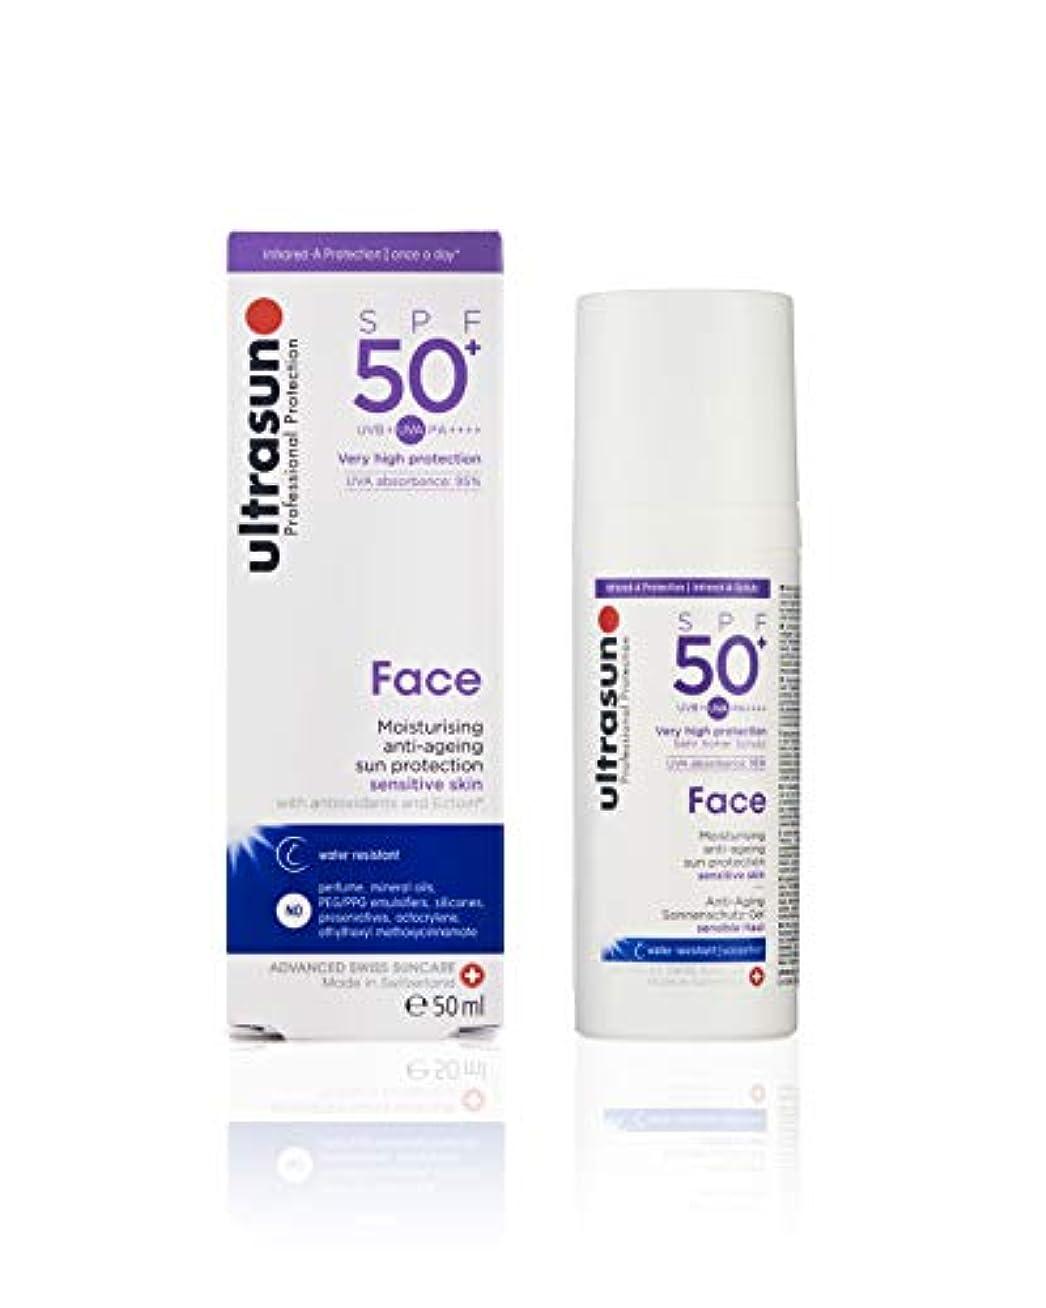 捕虜くさび中絶アルトラサン 日やけ止めクリーム フェイス UV 敏感肌用 SPF50+ PA++++ トリプルプロテクション 50mL